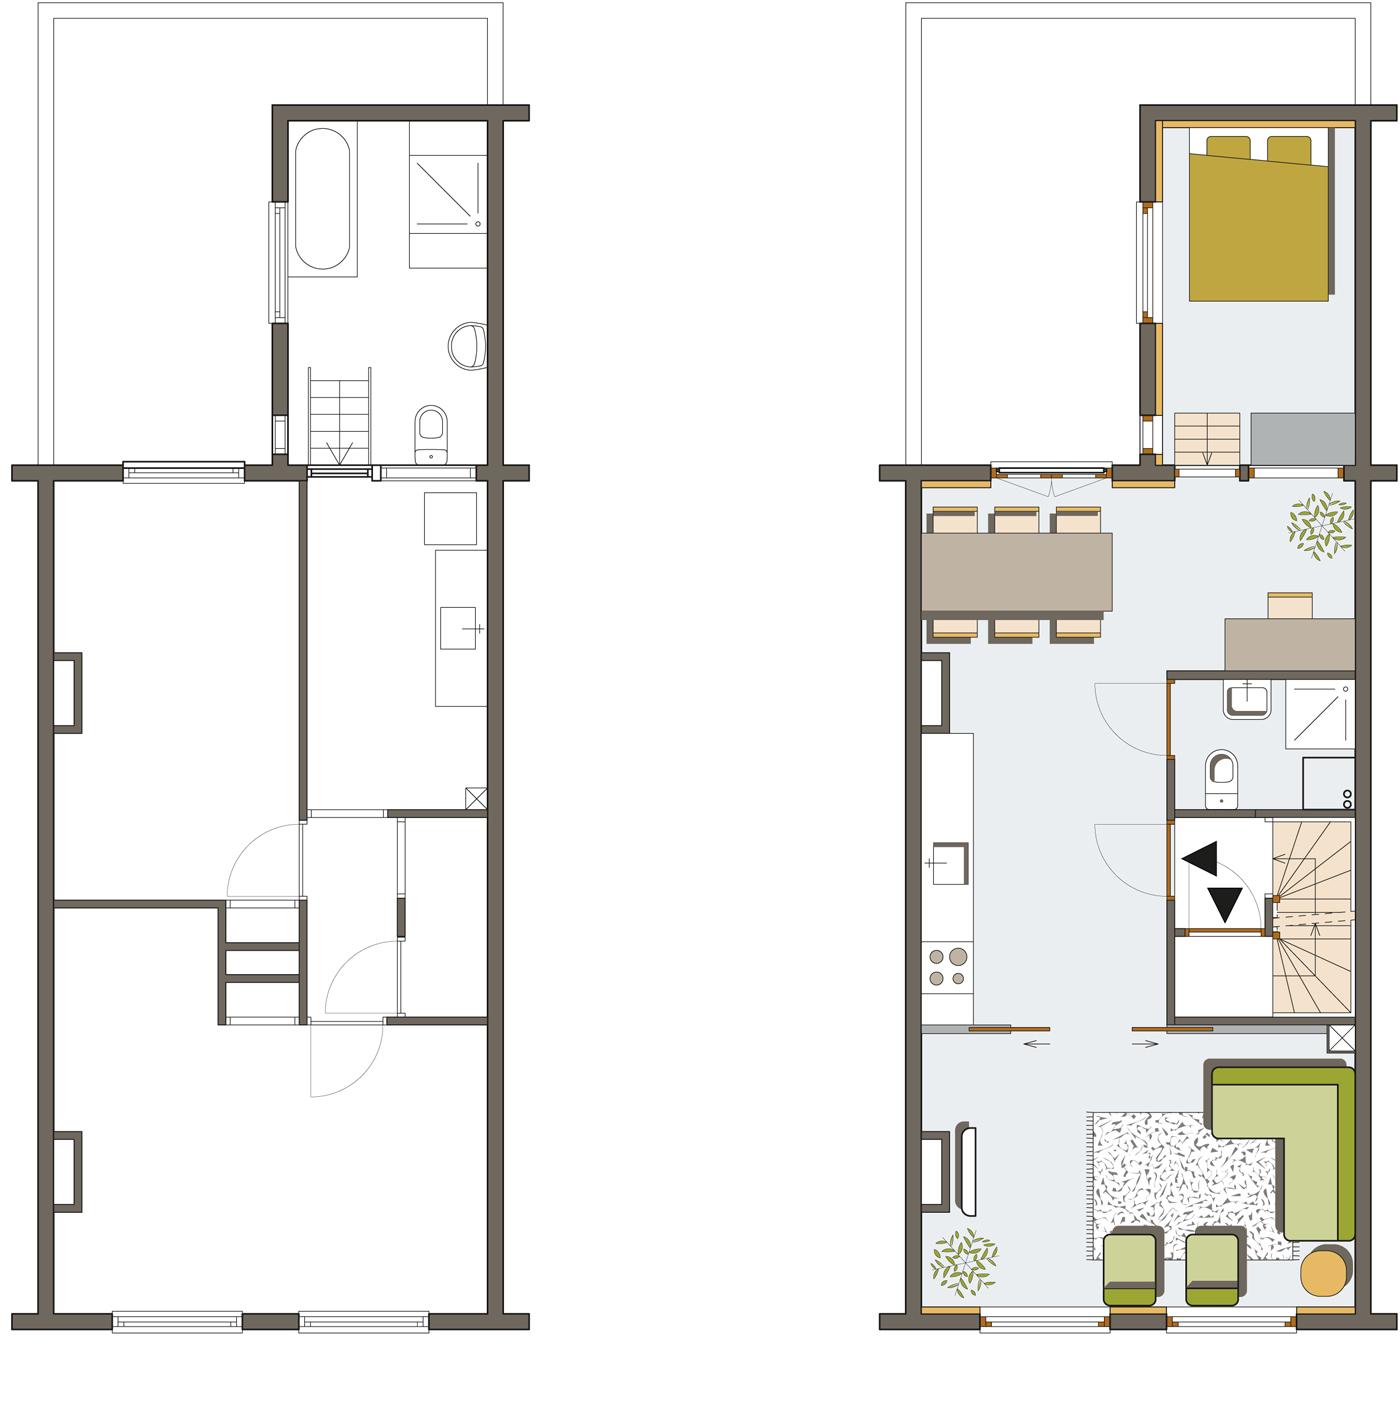 appartement 1e verdieping